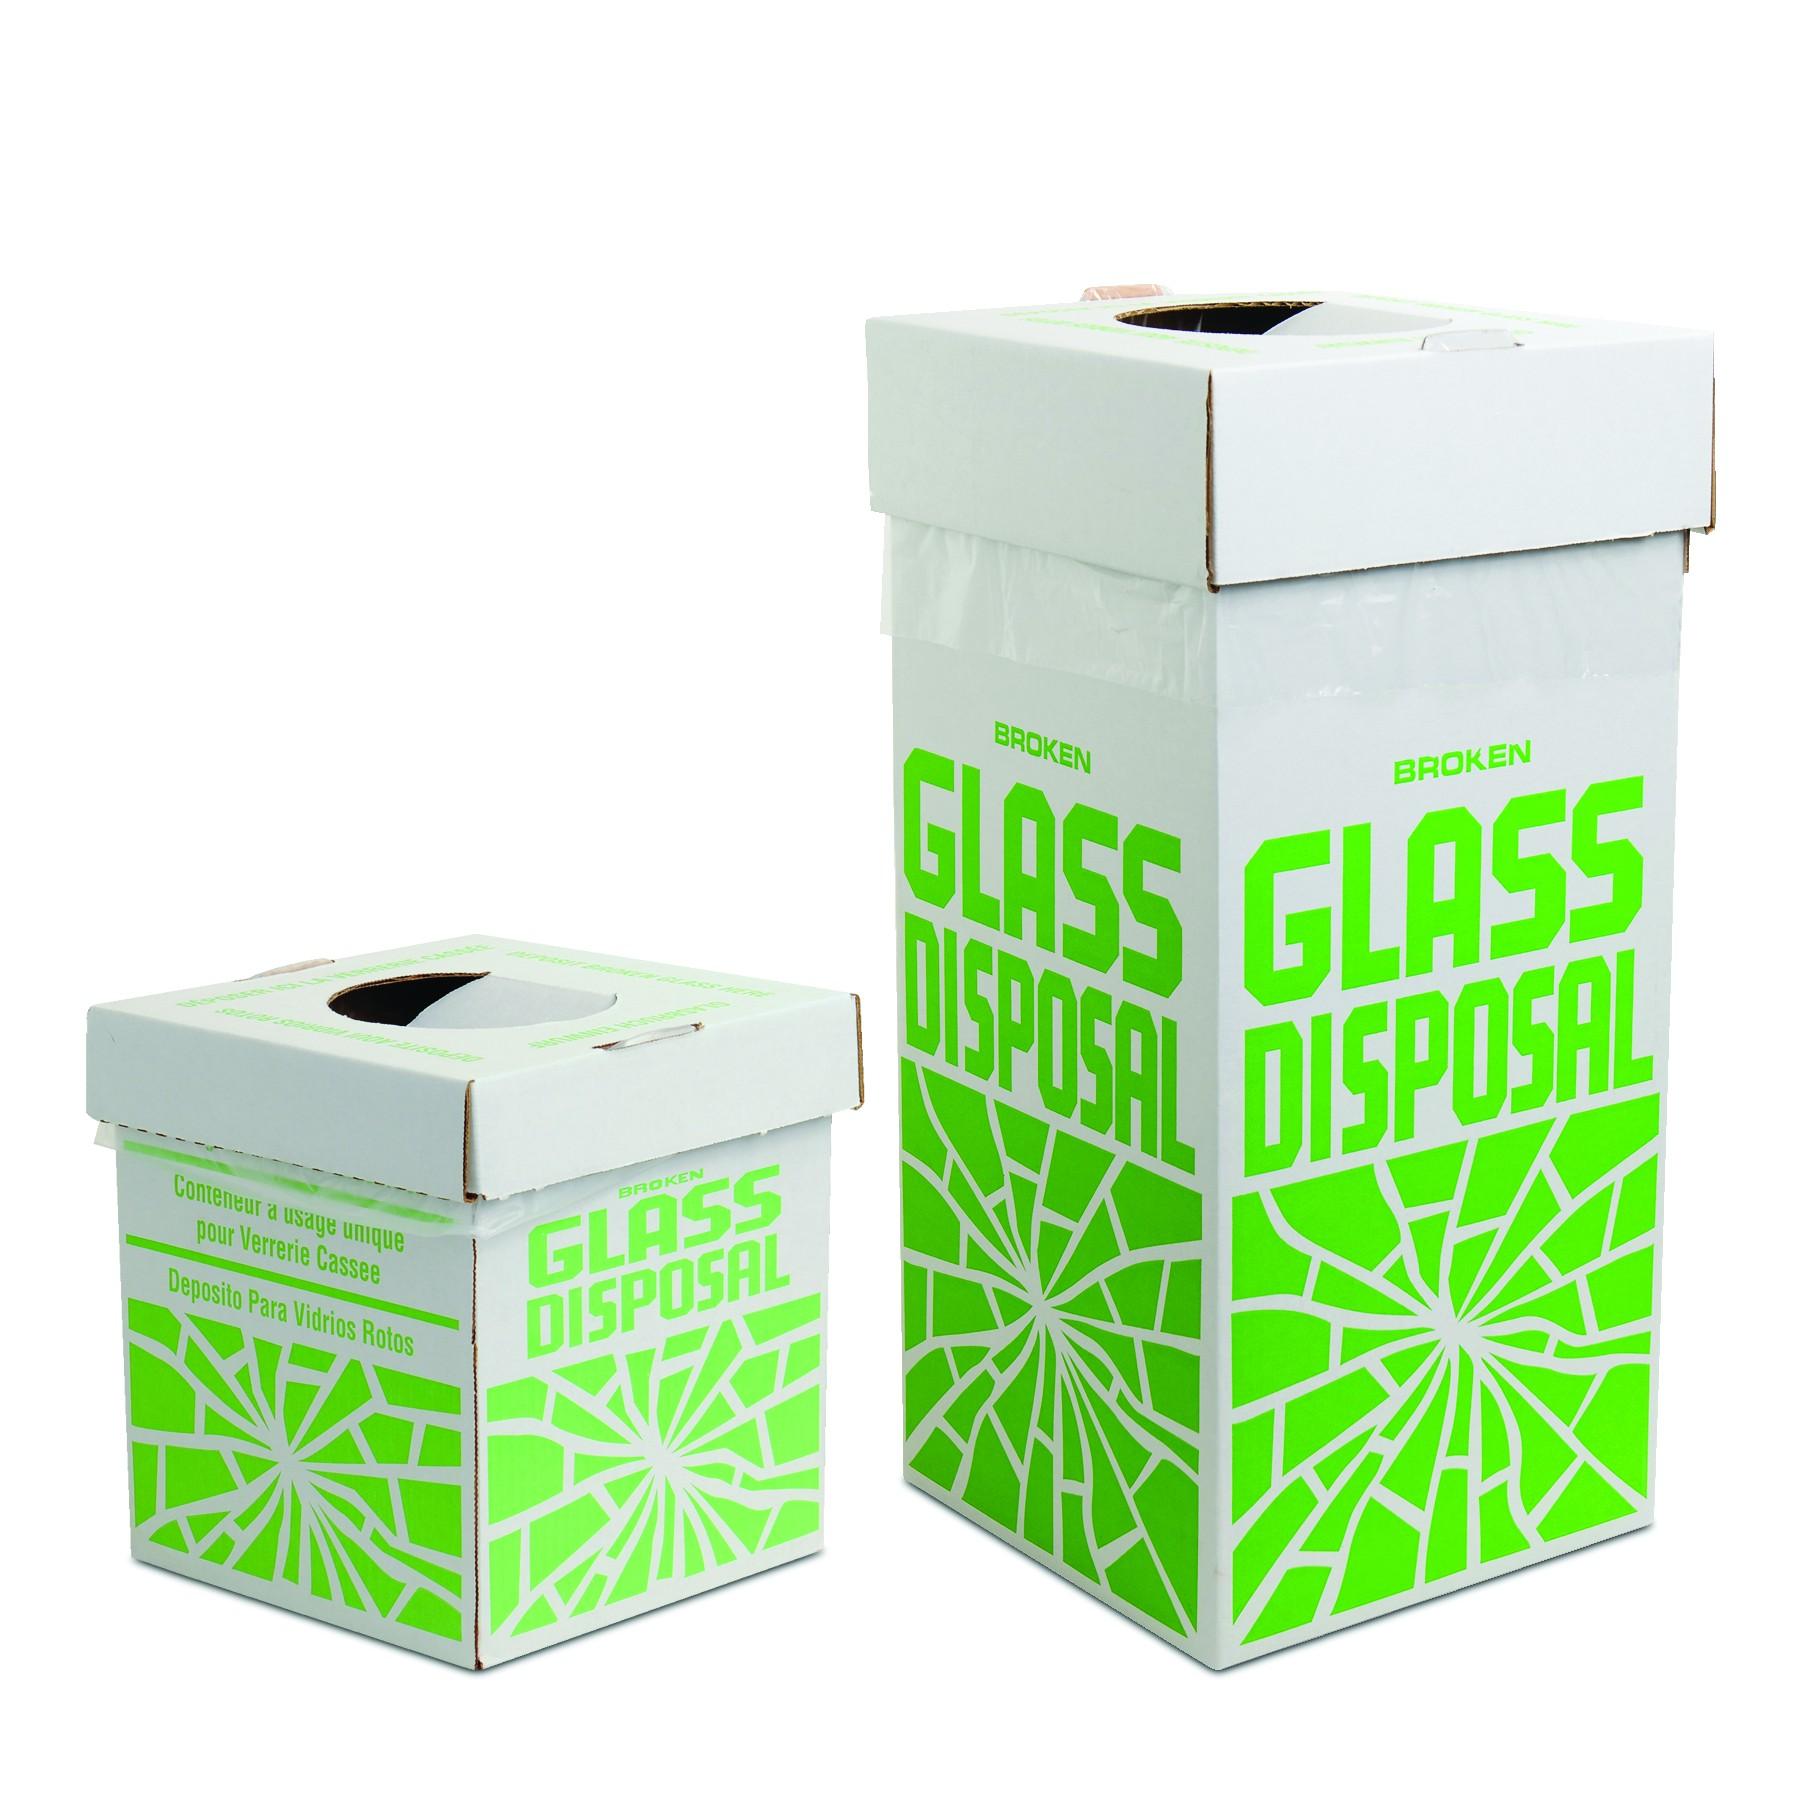 Disposal Cartons for Glass